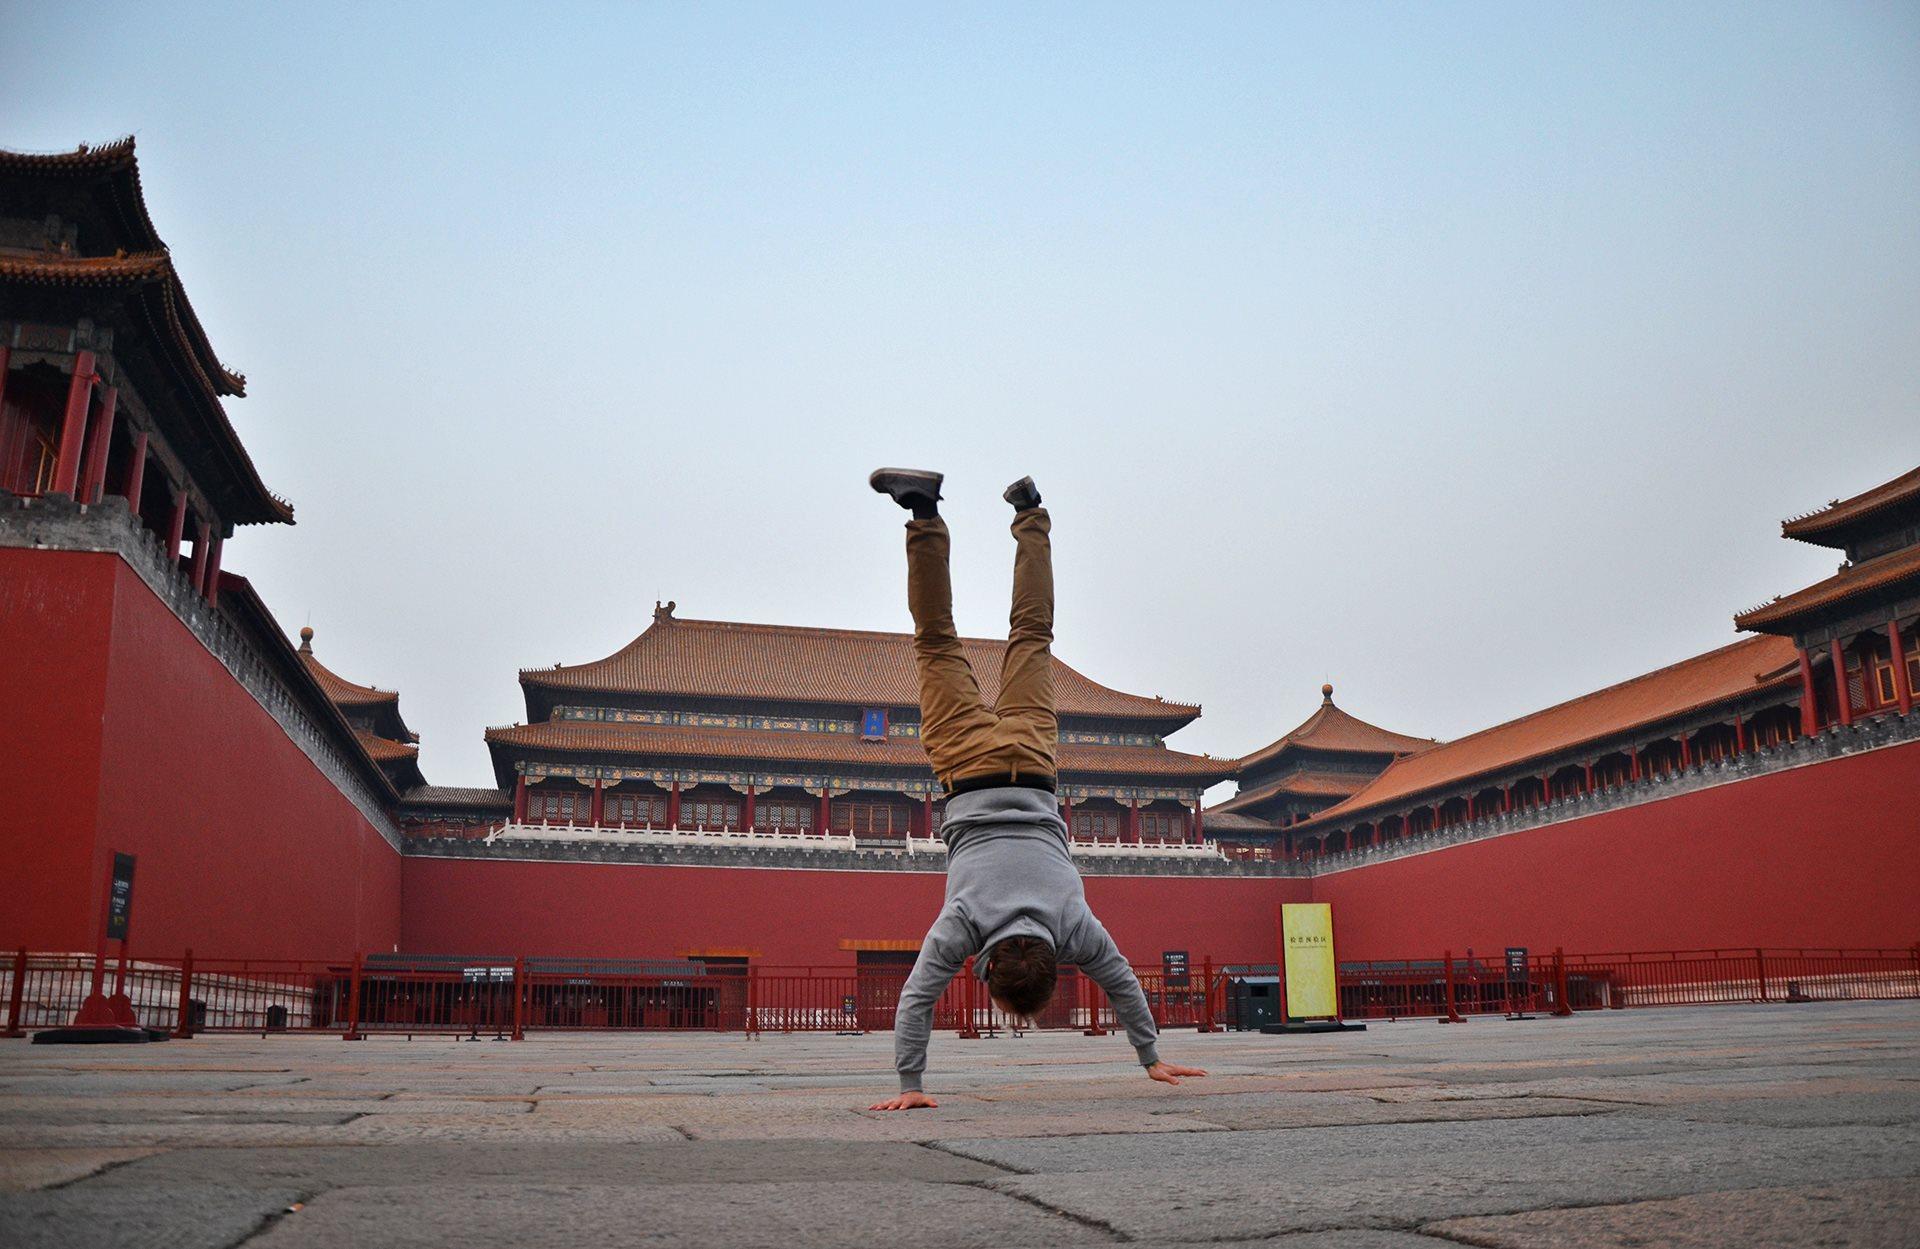 PEKING, ČÍNA Do Zakázaného mesta som sa nedostal, lebo je také zakázané, že na vstup niekedy čakajú stovky turistov. Bránu mi zavreli pred nosom po dvoch hodinách čakania v rade. Tak som si Zakázané mesto obišiel dookola a niekde tam sa mi podarilo urobiť aj túto fotku.